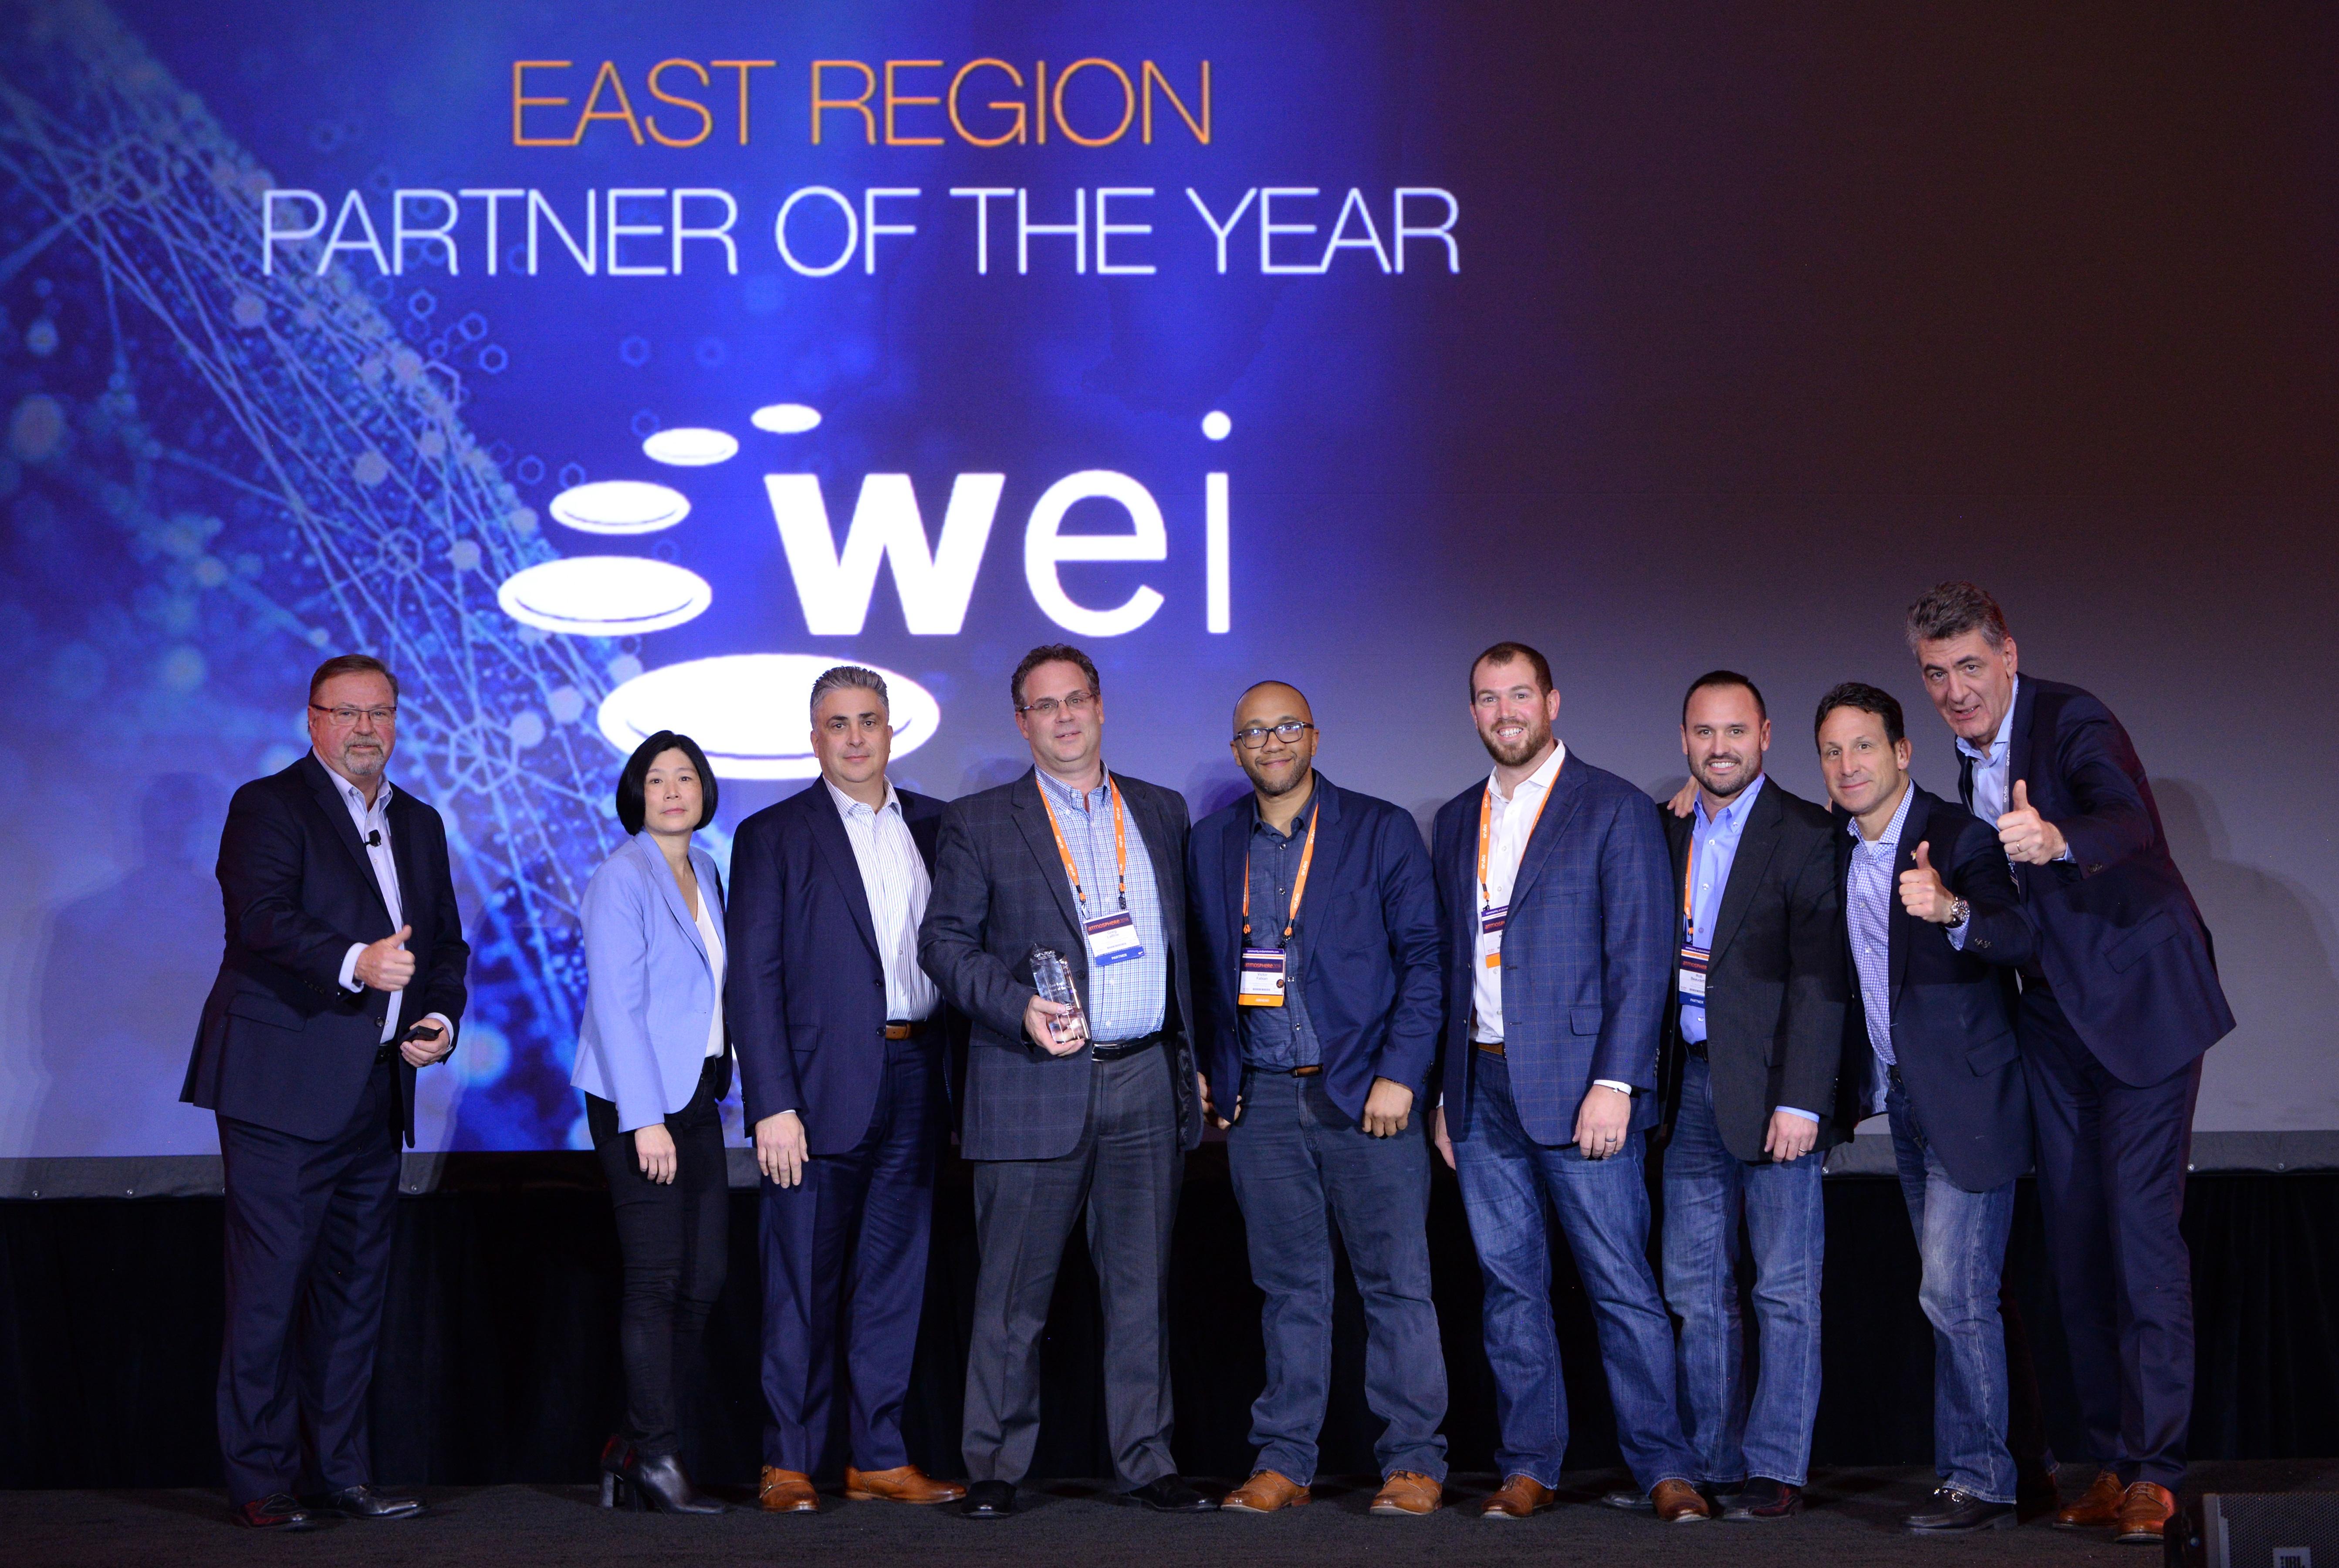 WEI is Aruba Partner of Year East Region